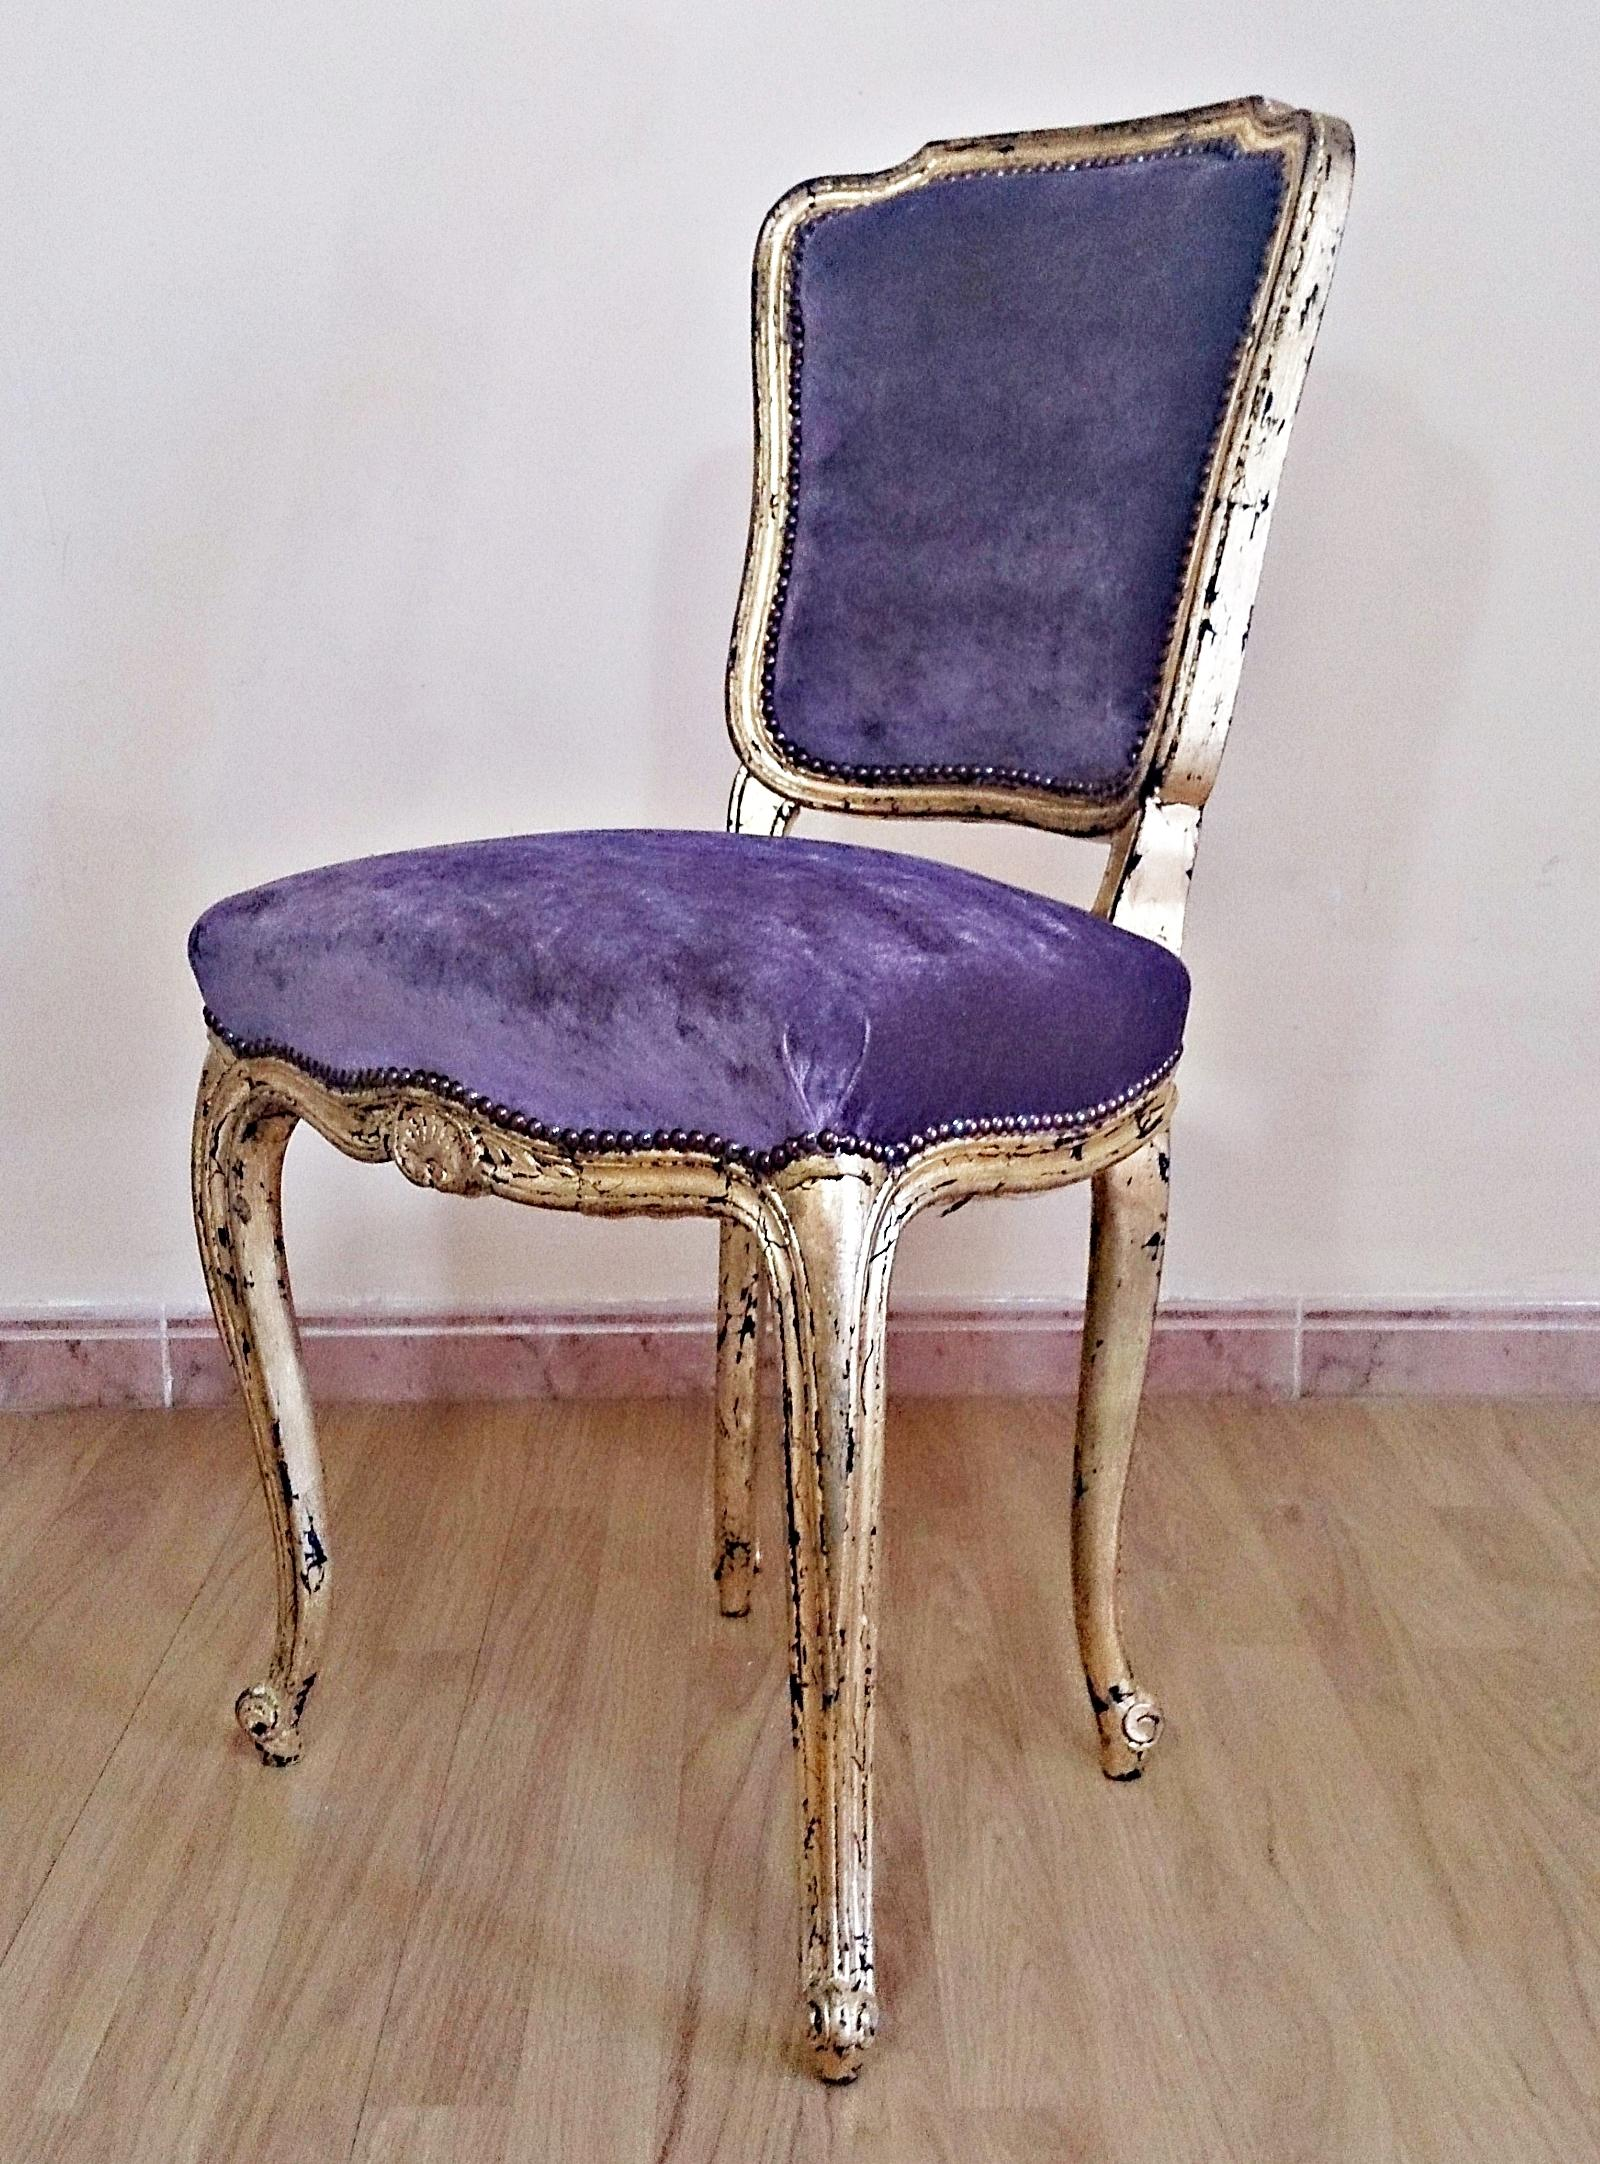 Silla vintage estilo Luis XV oro y malva  Tienda online de decoracin y muebles personalizados